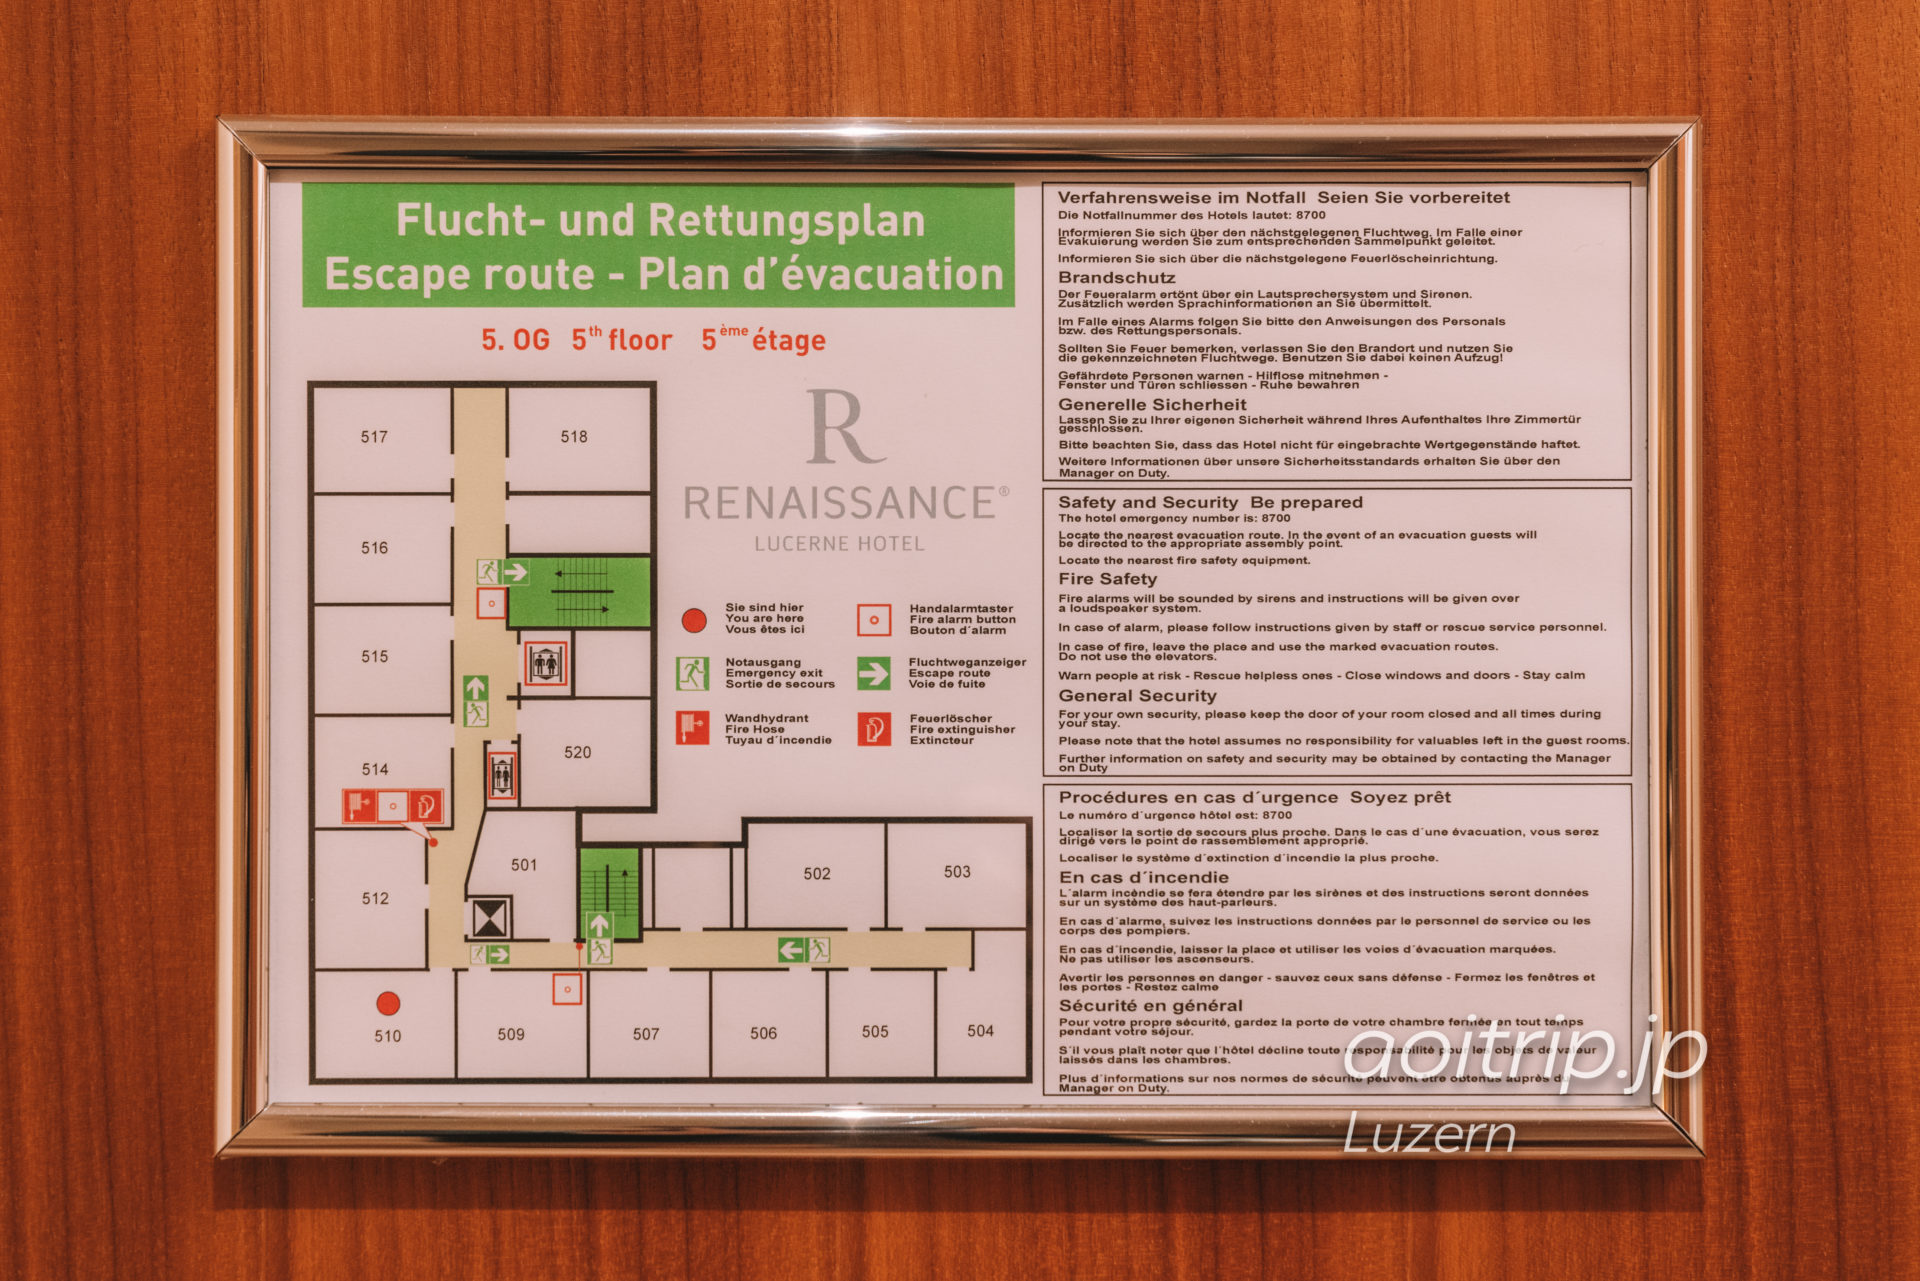 ルネッサンスルツェルンホテルのフロアマップ